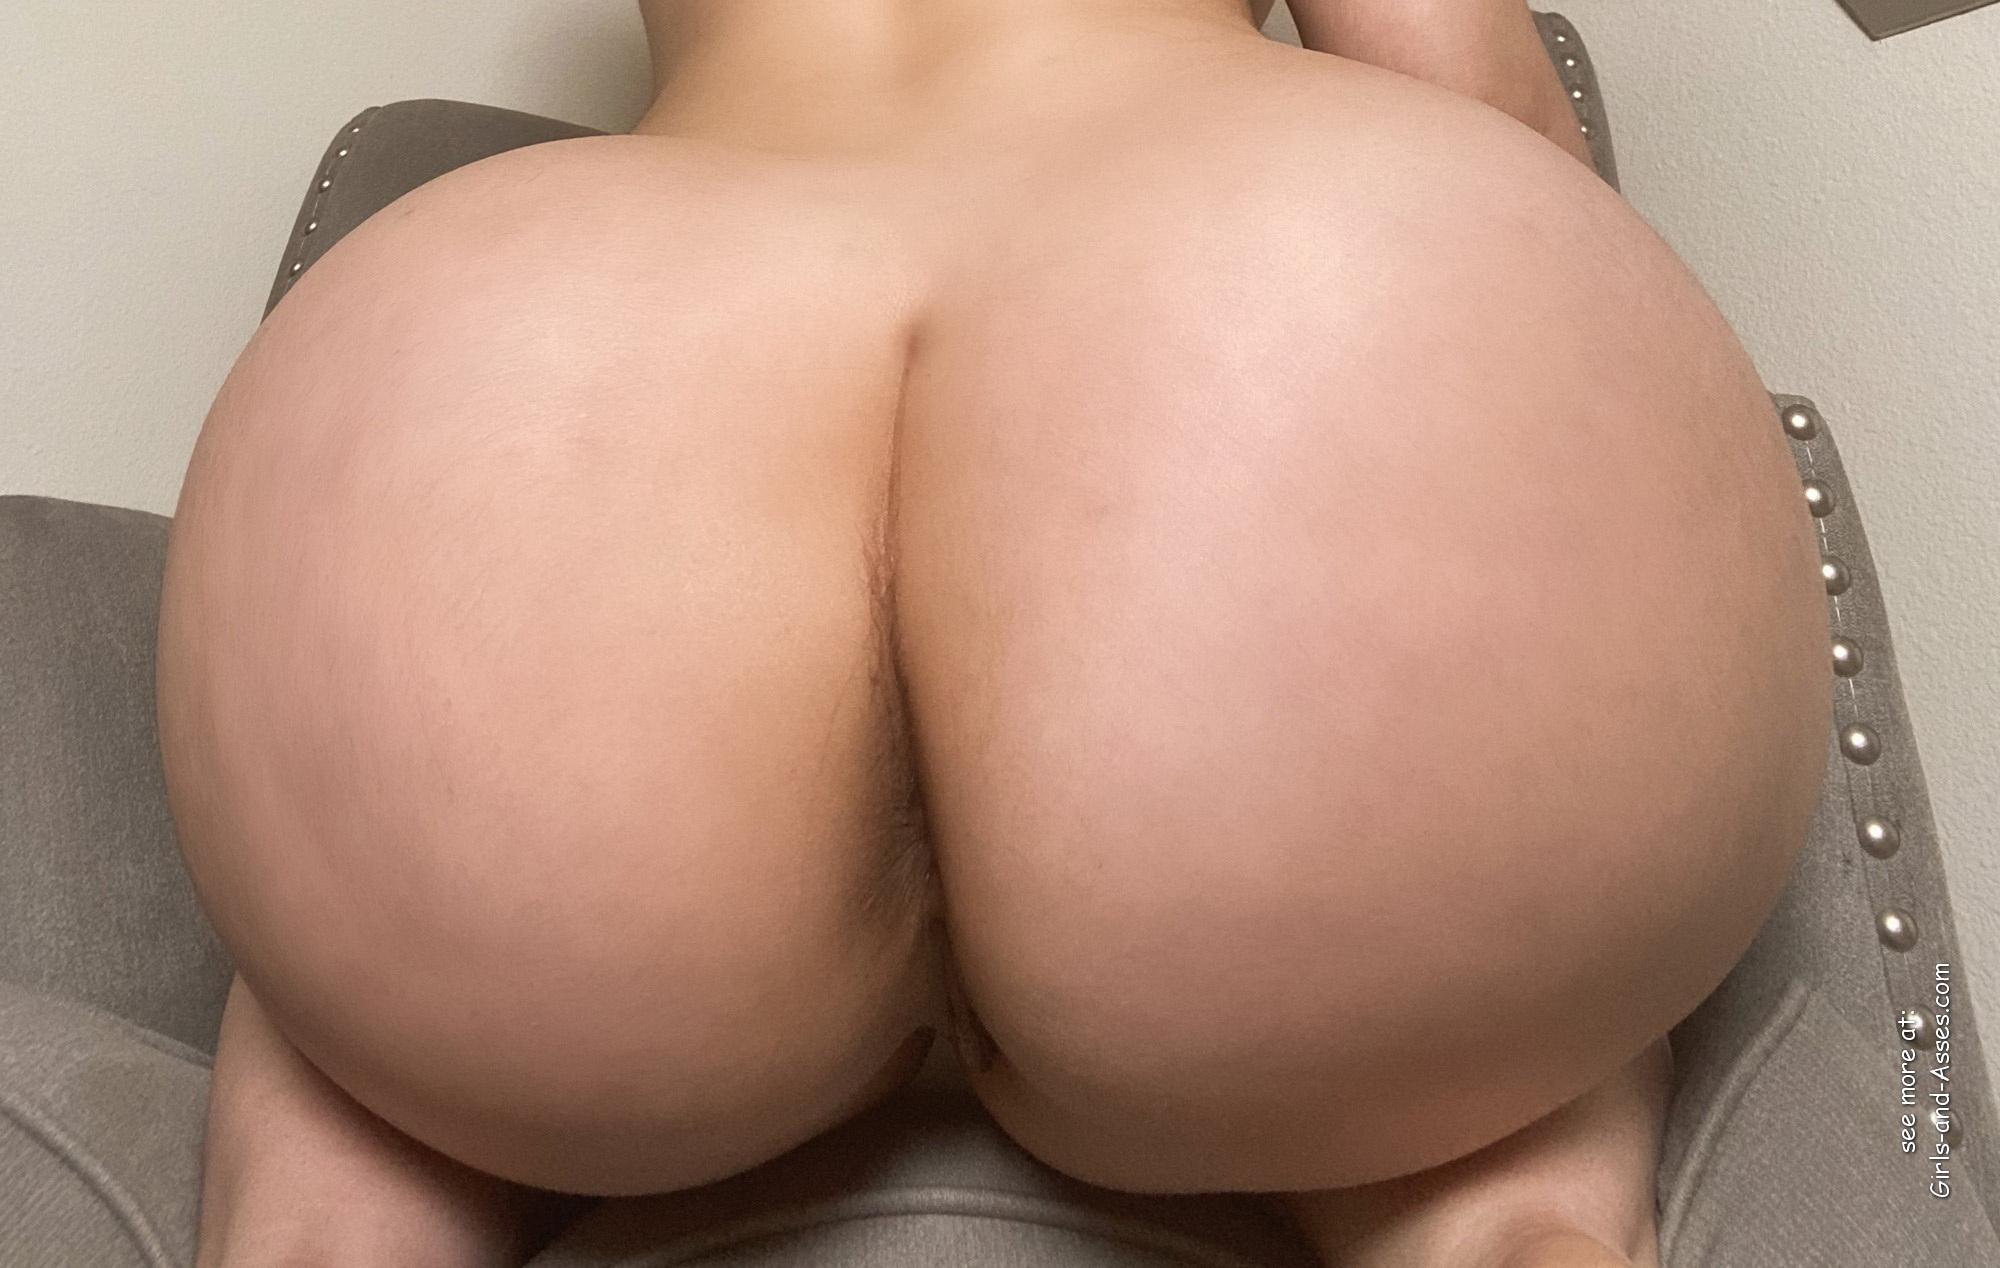 big assed naked brazilian babe photo 01154